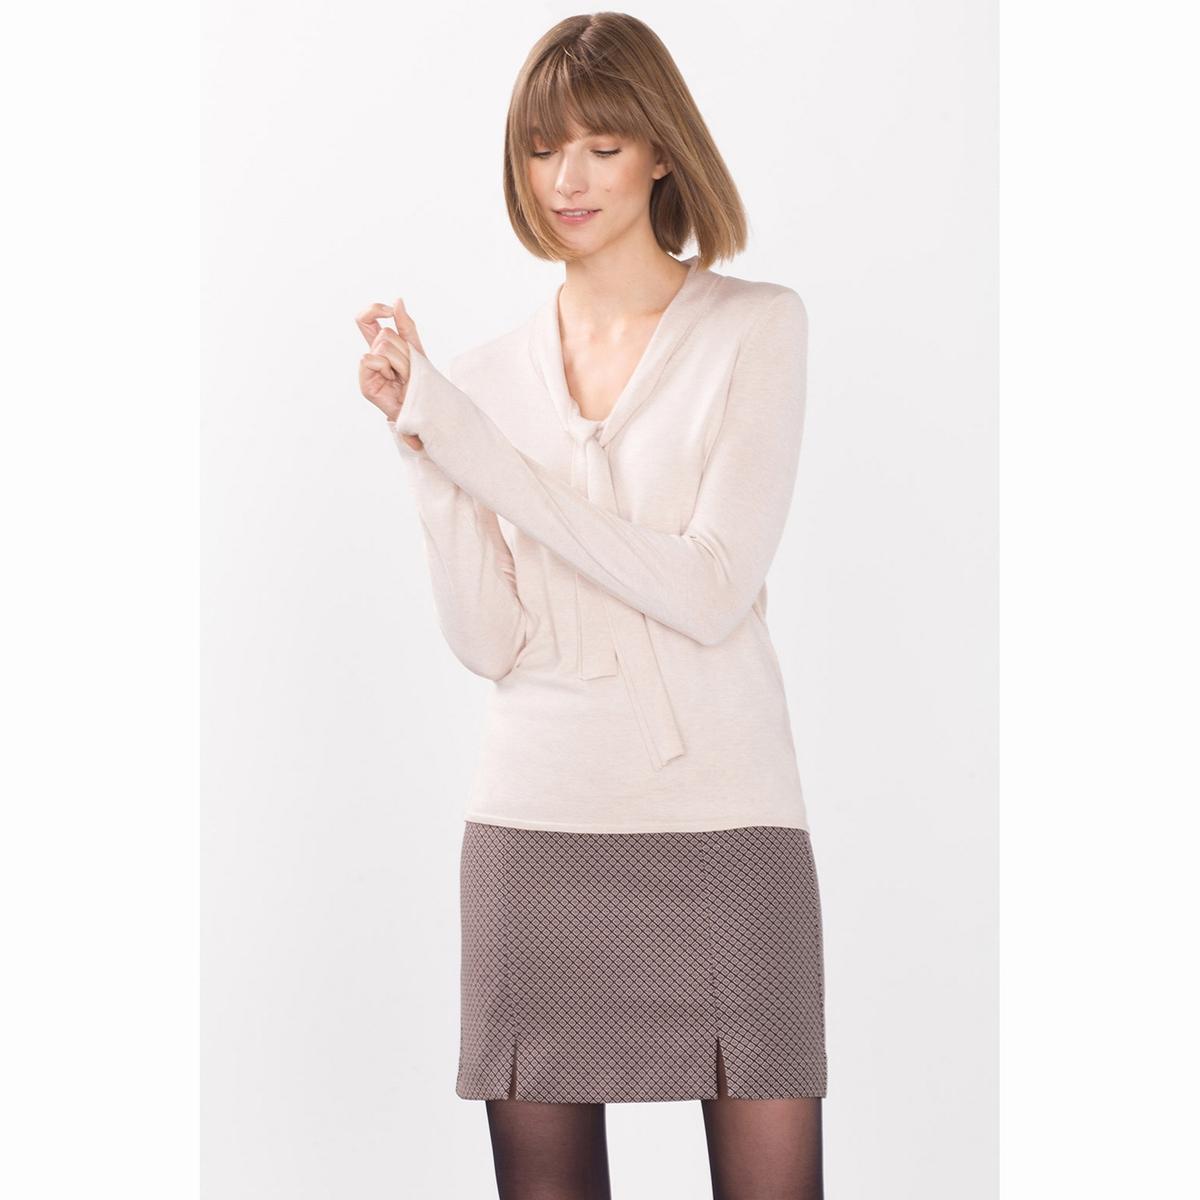 Пуловер с воротником-галстуком.Состав и описаниеМатериалы: 85% вискозы, 15% полиамидаМарка: EspritУходСледуйте рекомендациям по уходу, указанным на этикетке изделия<br><br>Цвет: песочный